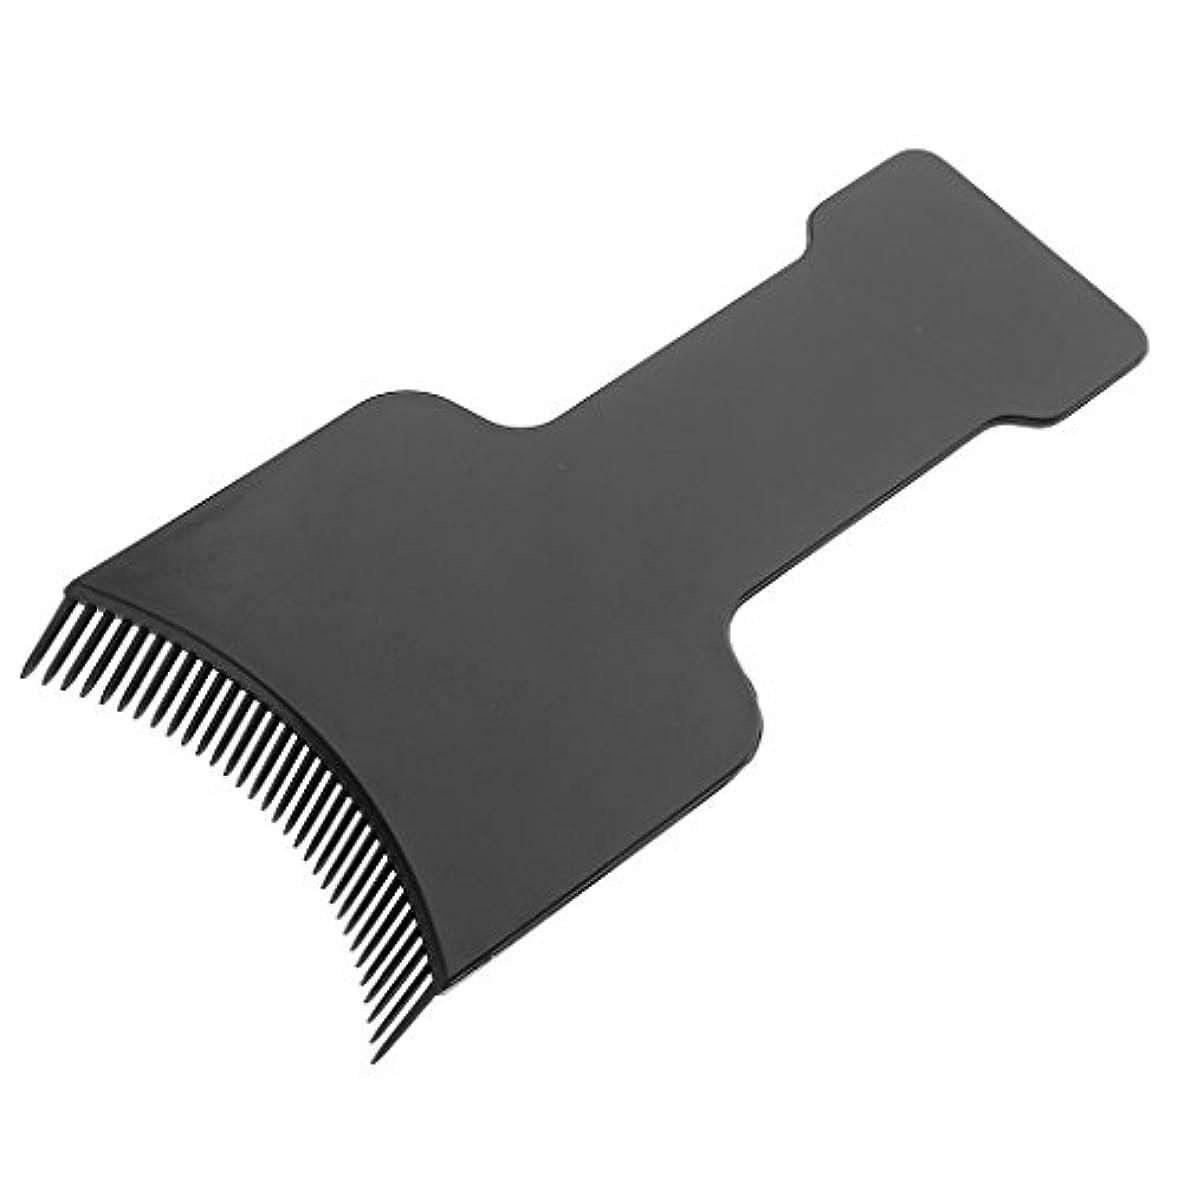 ネクタイ農場表向きFenteer ヘアカラー ボード 髪 染色 ツール ブラック 全4サイズ - S